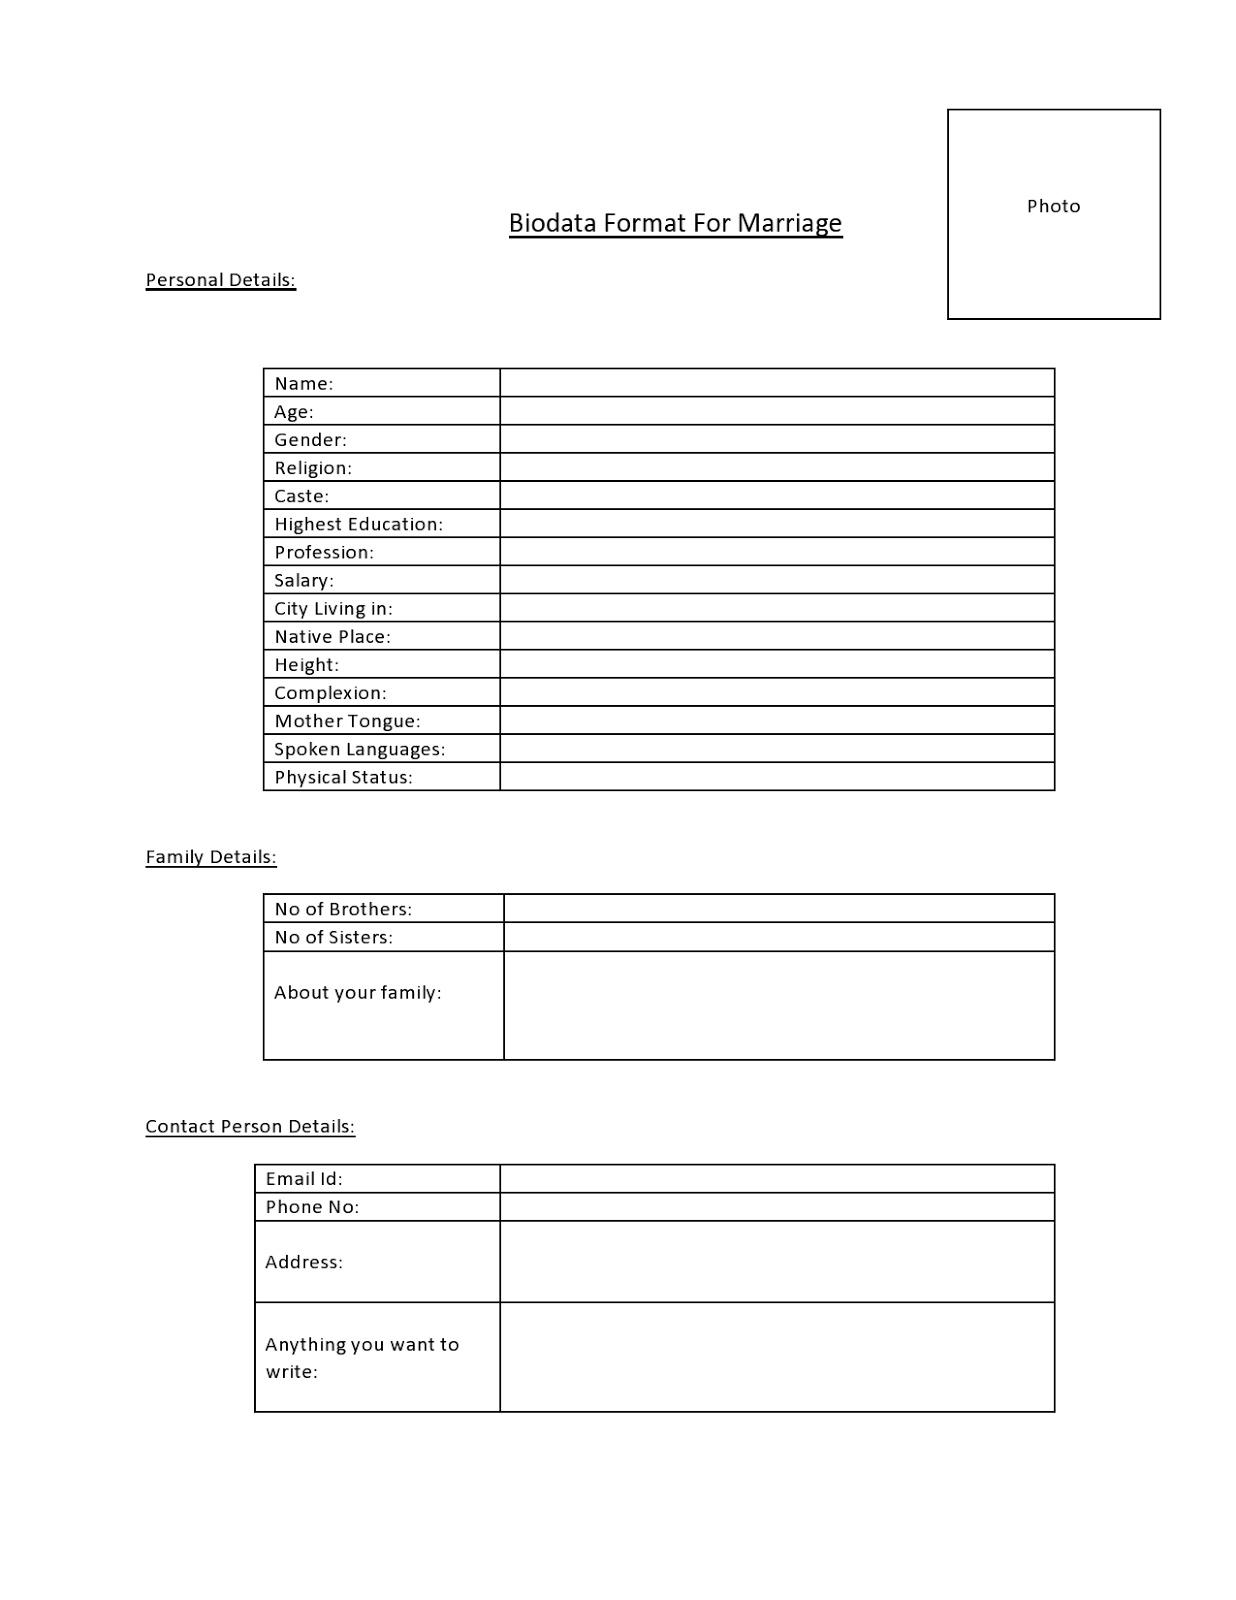 biodata model biodata model pdf 2020 biodata model for job biodata model format 2019 biodata model for job application biodata model download biodata model tamil biodata model word format biodata model doc biodata model for accountant biodata model simple biodata model for student